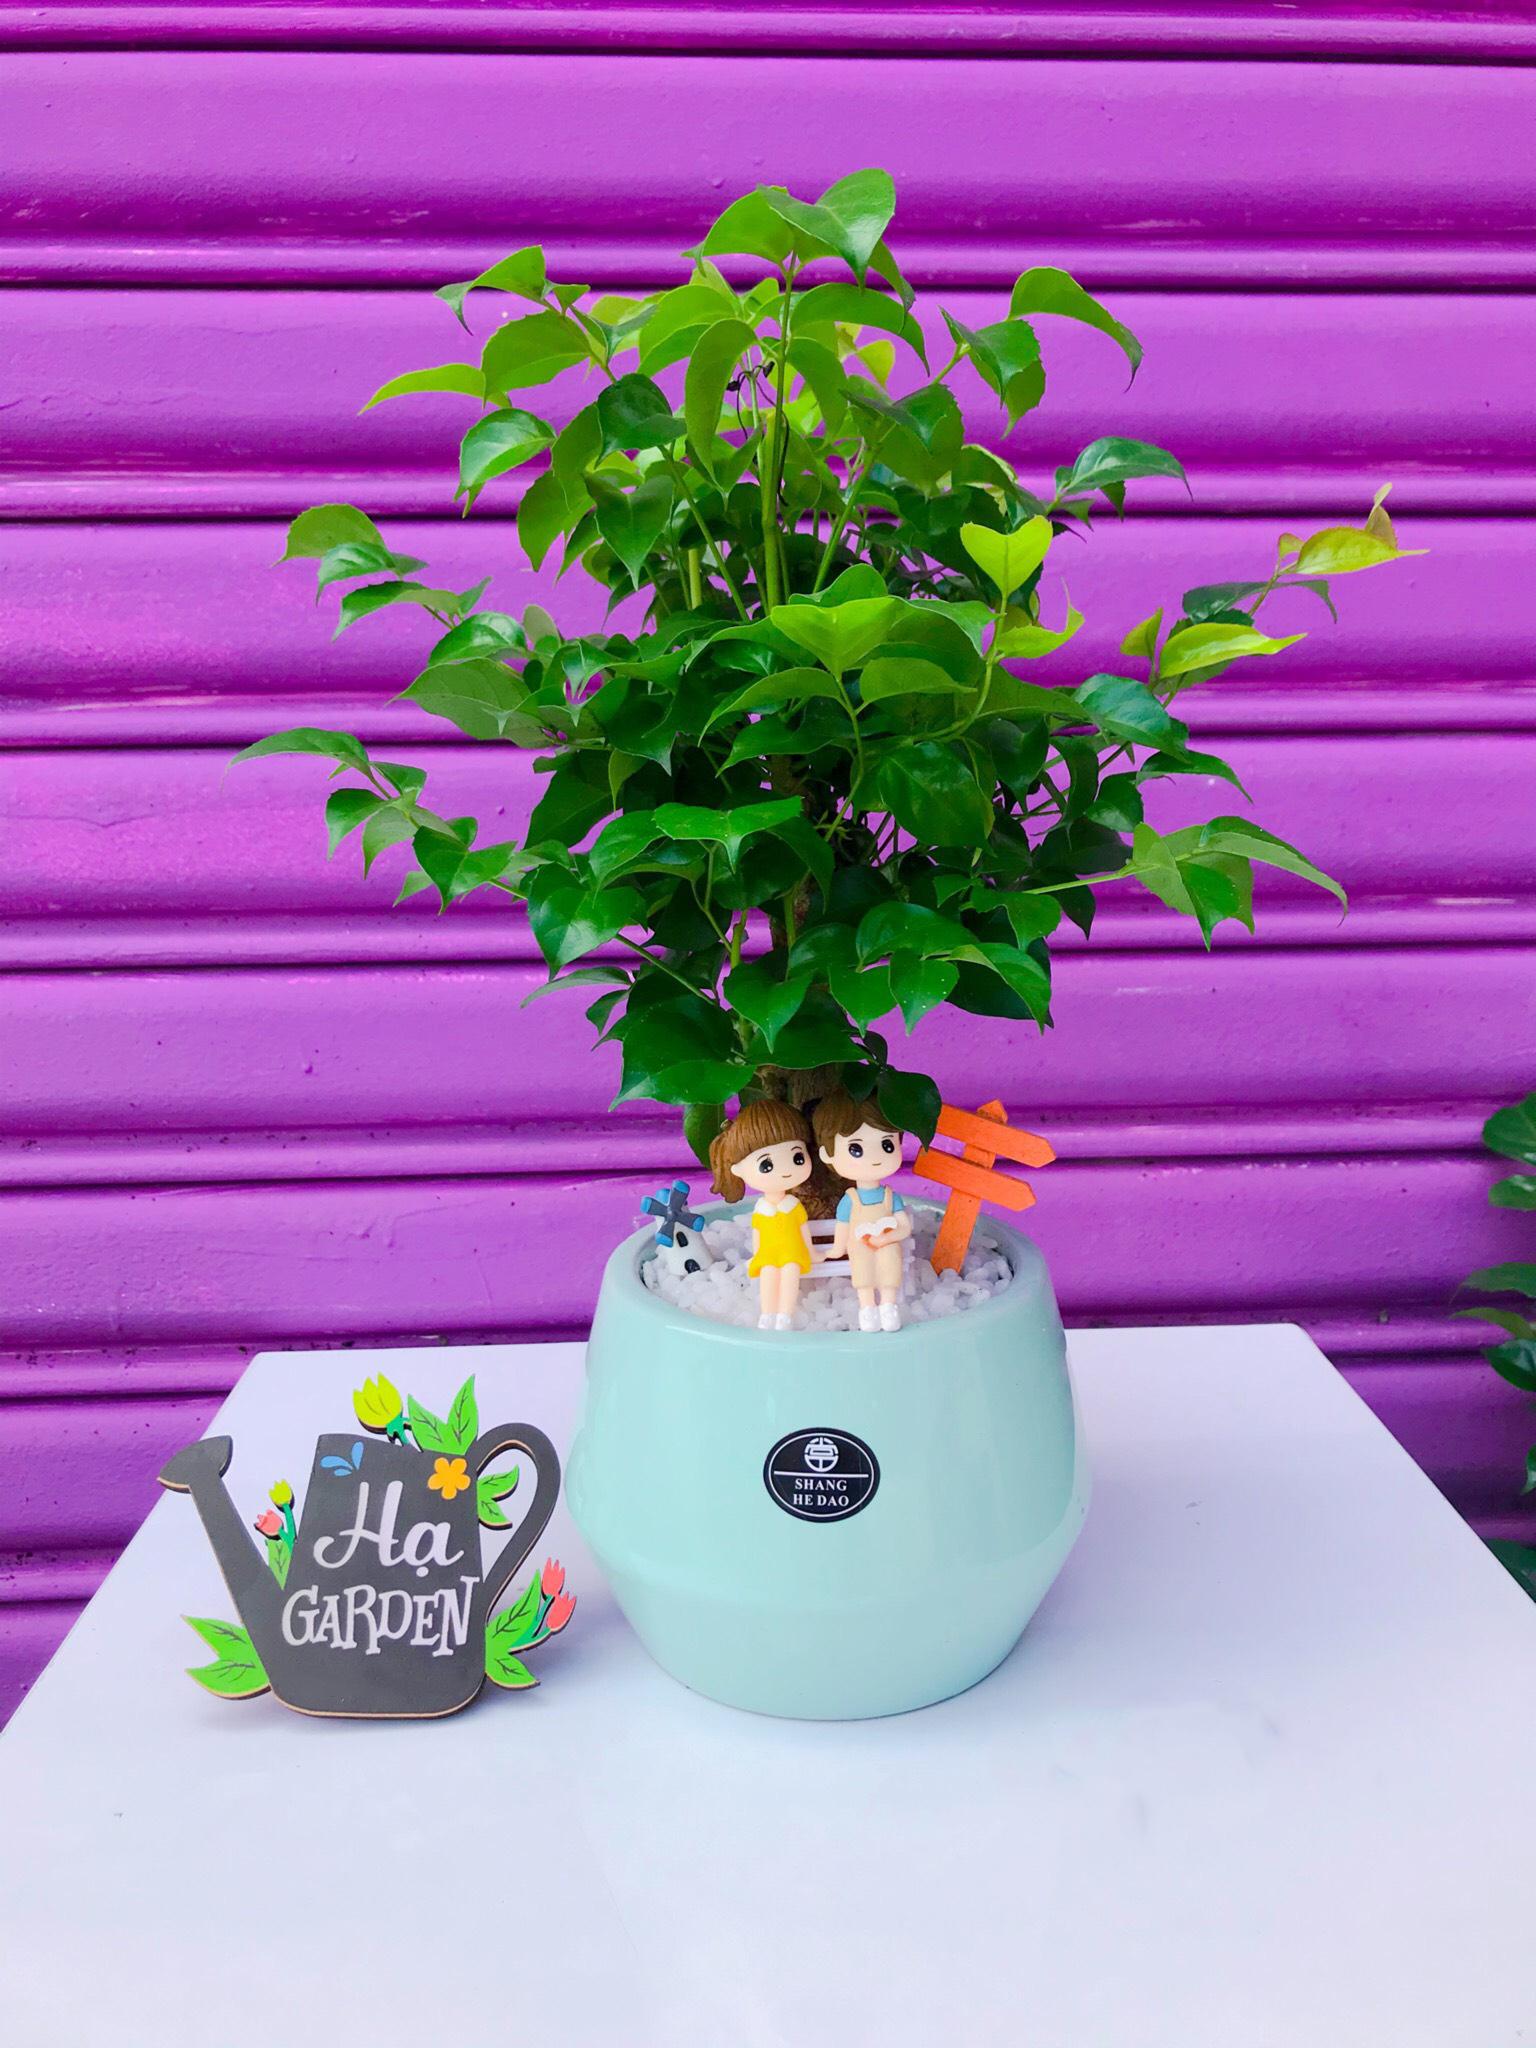 Lợi ích khi trồng cây Hạnh phúc